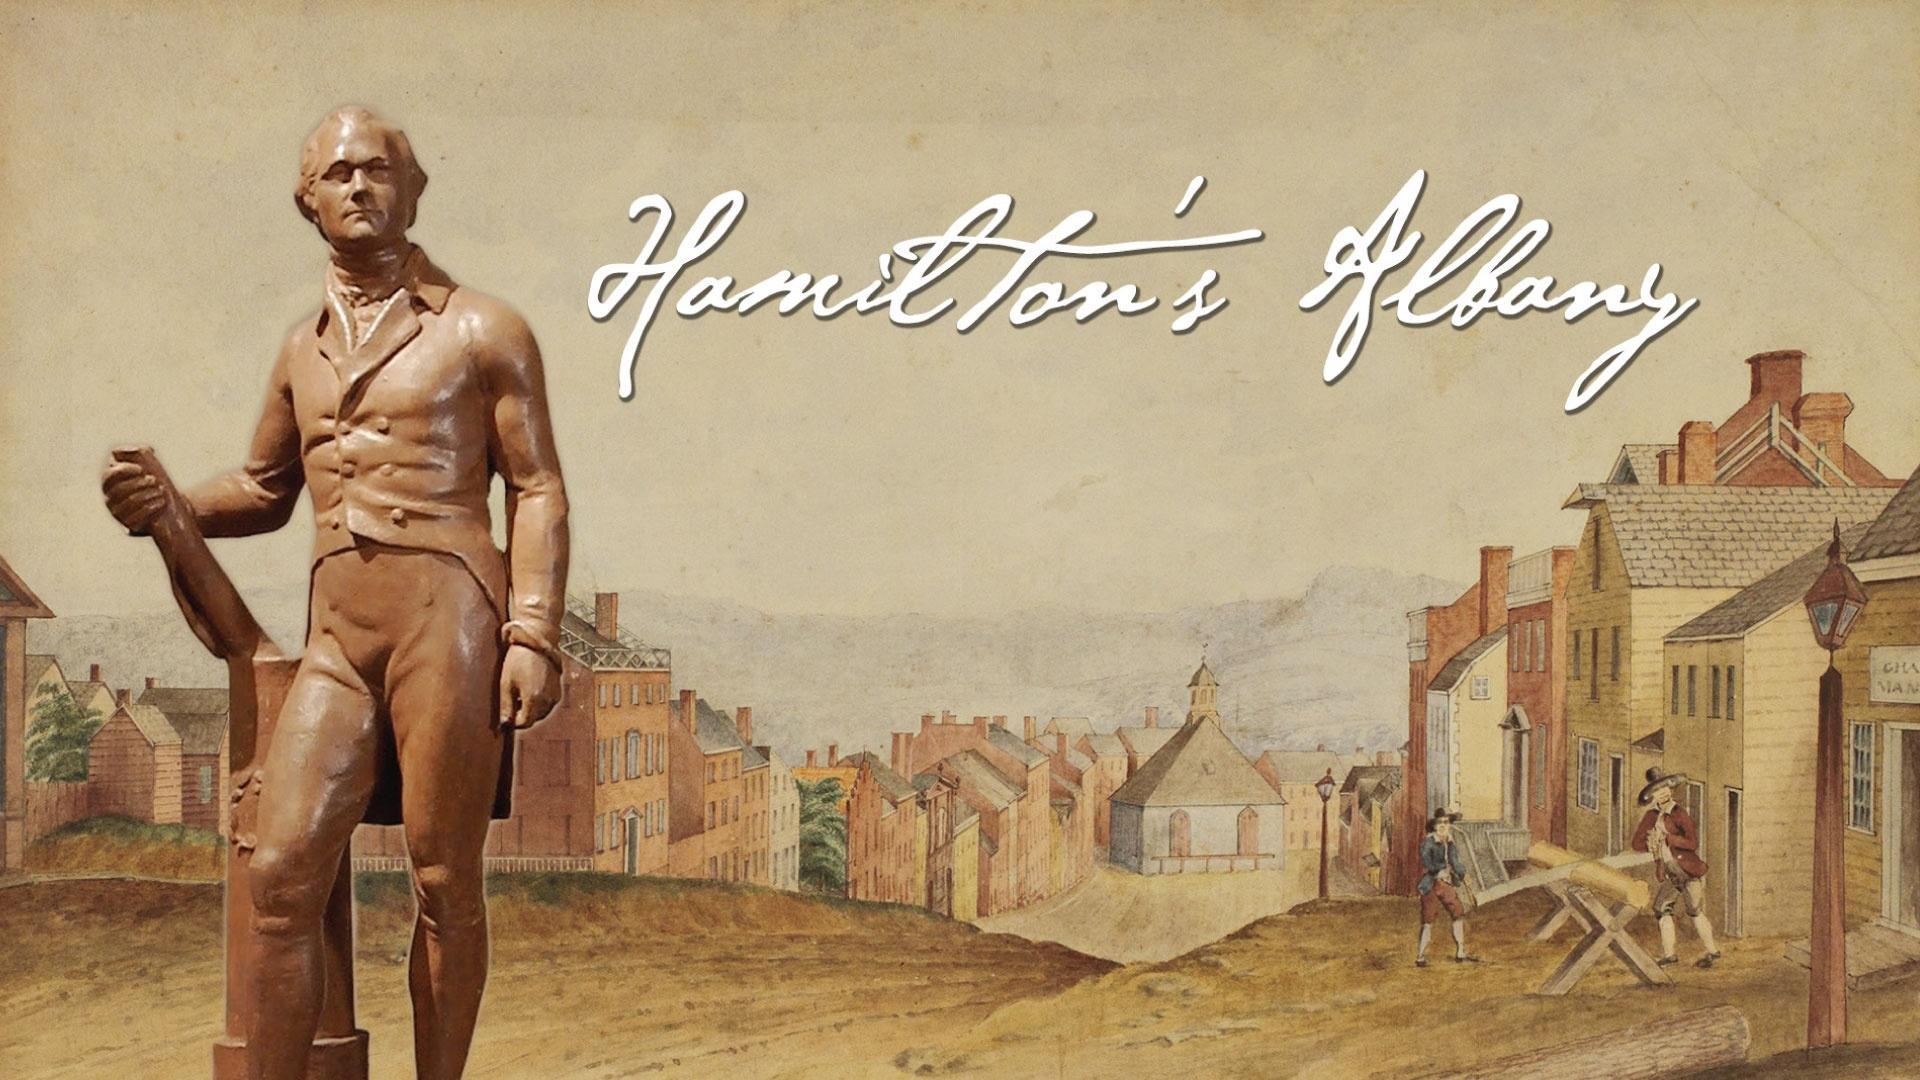 Hamilton's Albany